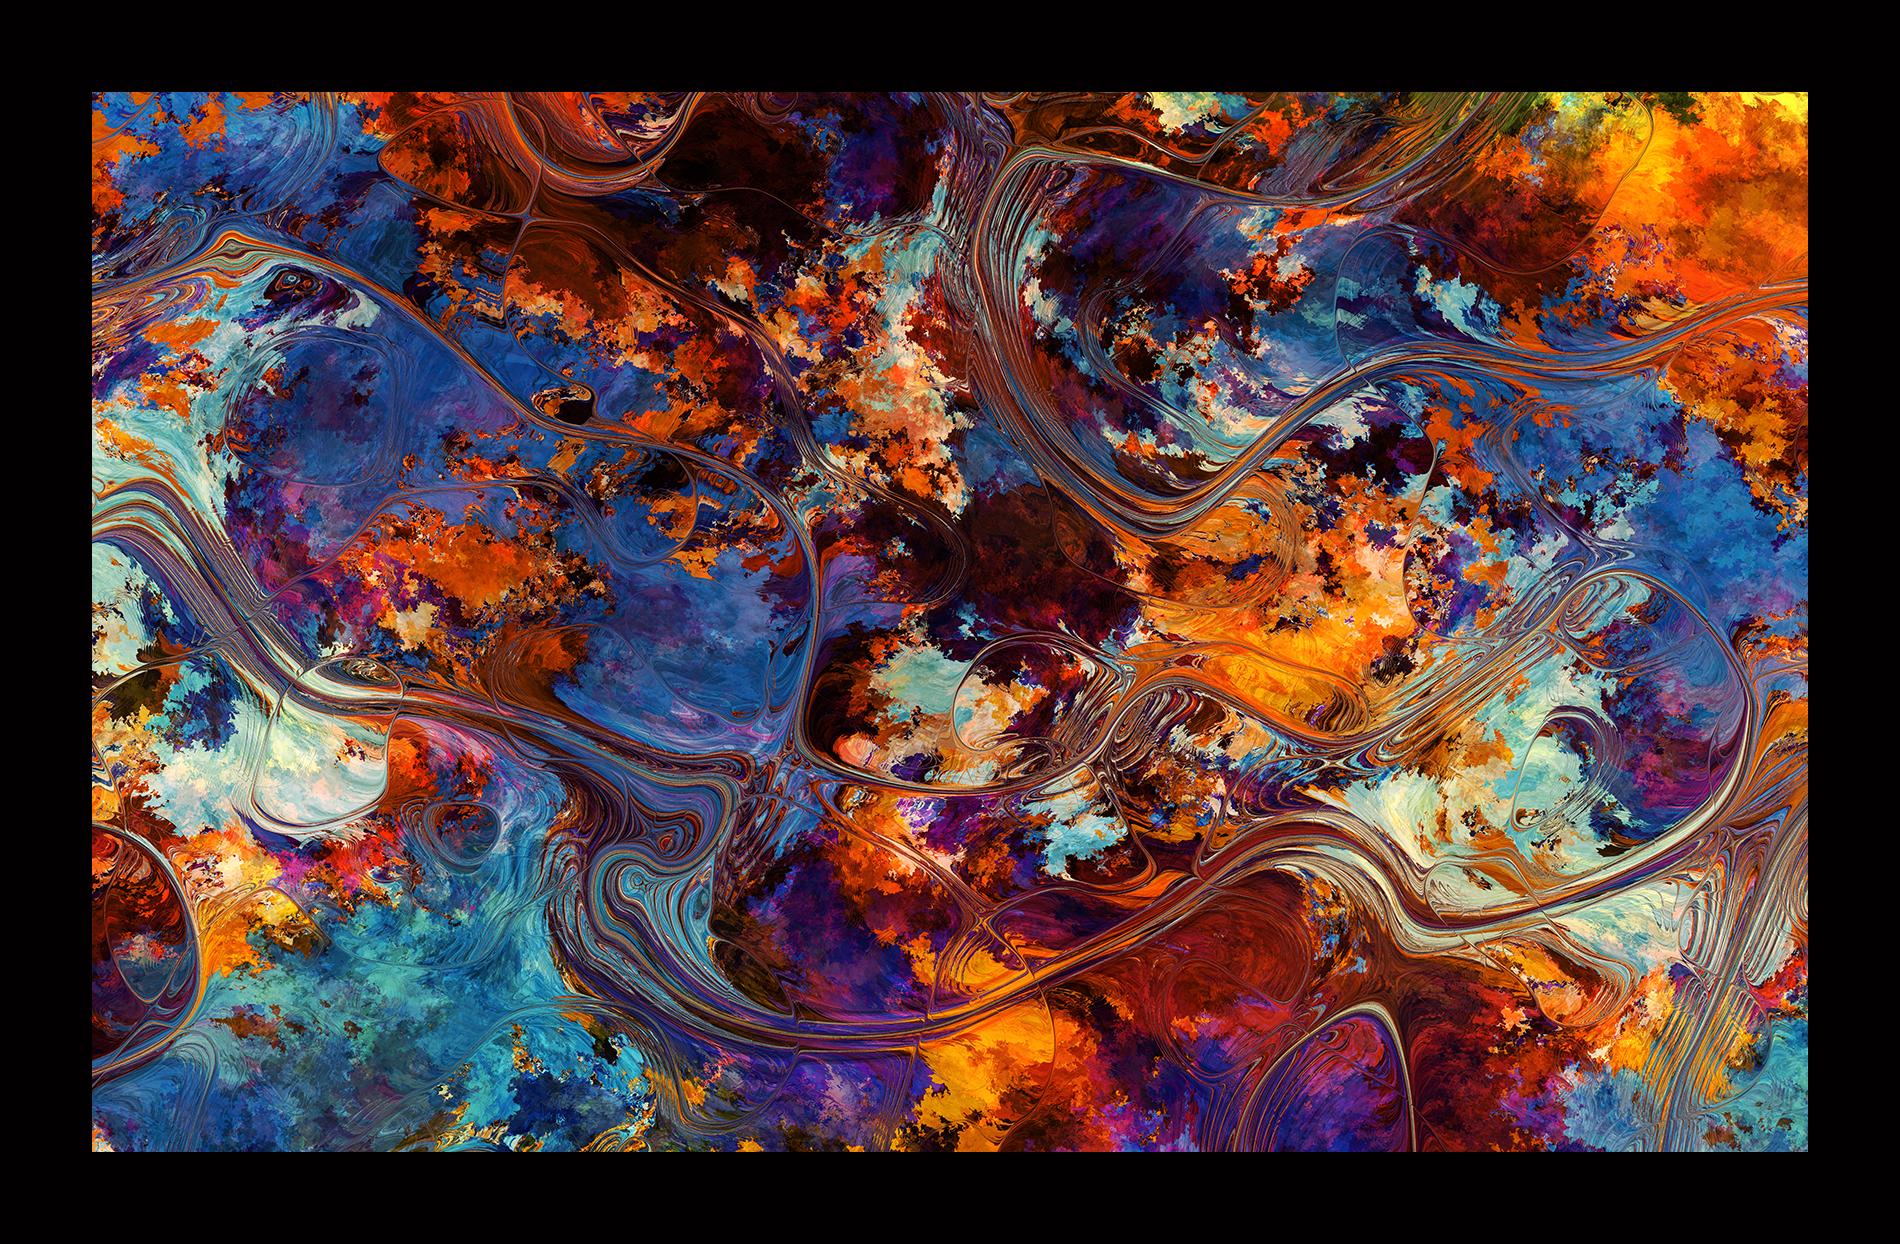 Ideal Oil by FarDareisMai